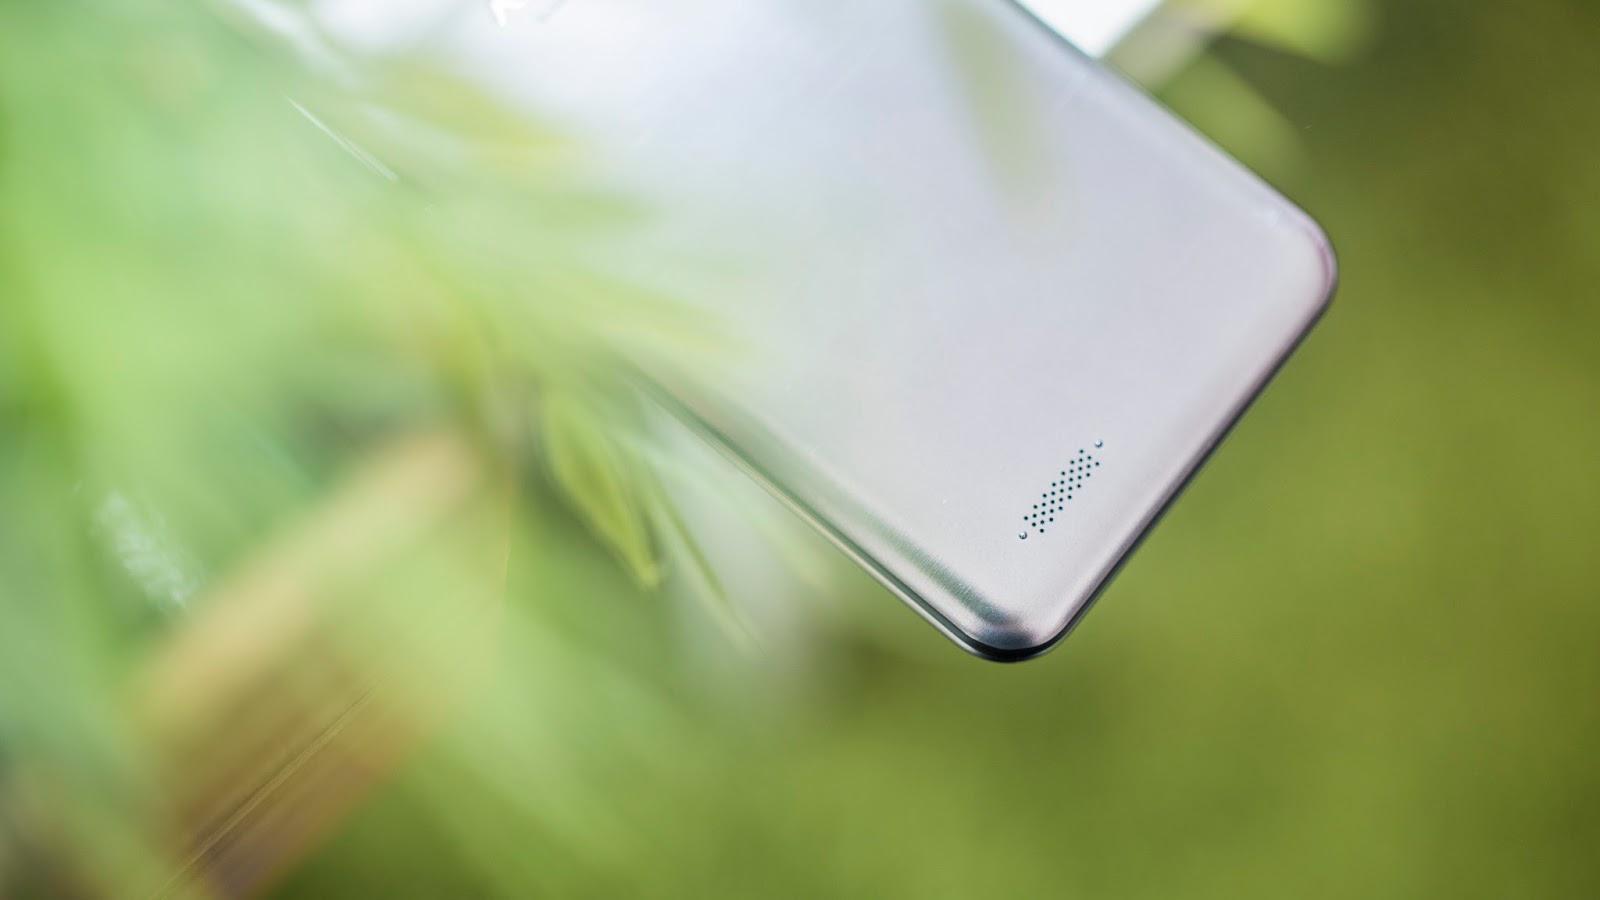 Elegant And Fashionable Selfie With Advan I5e Benablog Life Udah Support 4g Lte Bisa Wireless Display Ke Smart Tv Dan Teknologi K Amplifier Yang Membuat Speakernya Menghasilkan Suara Besar